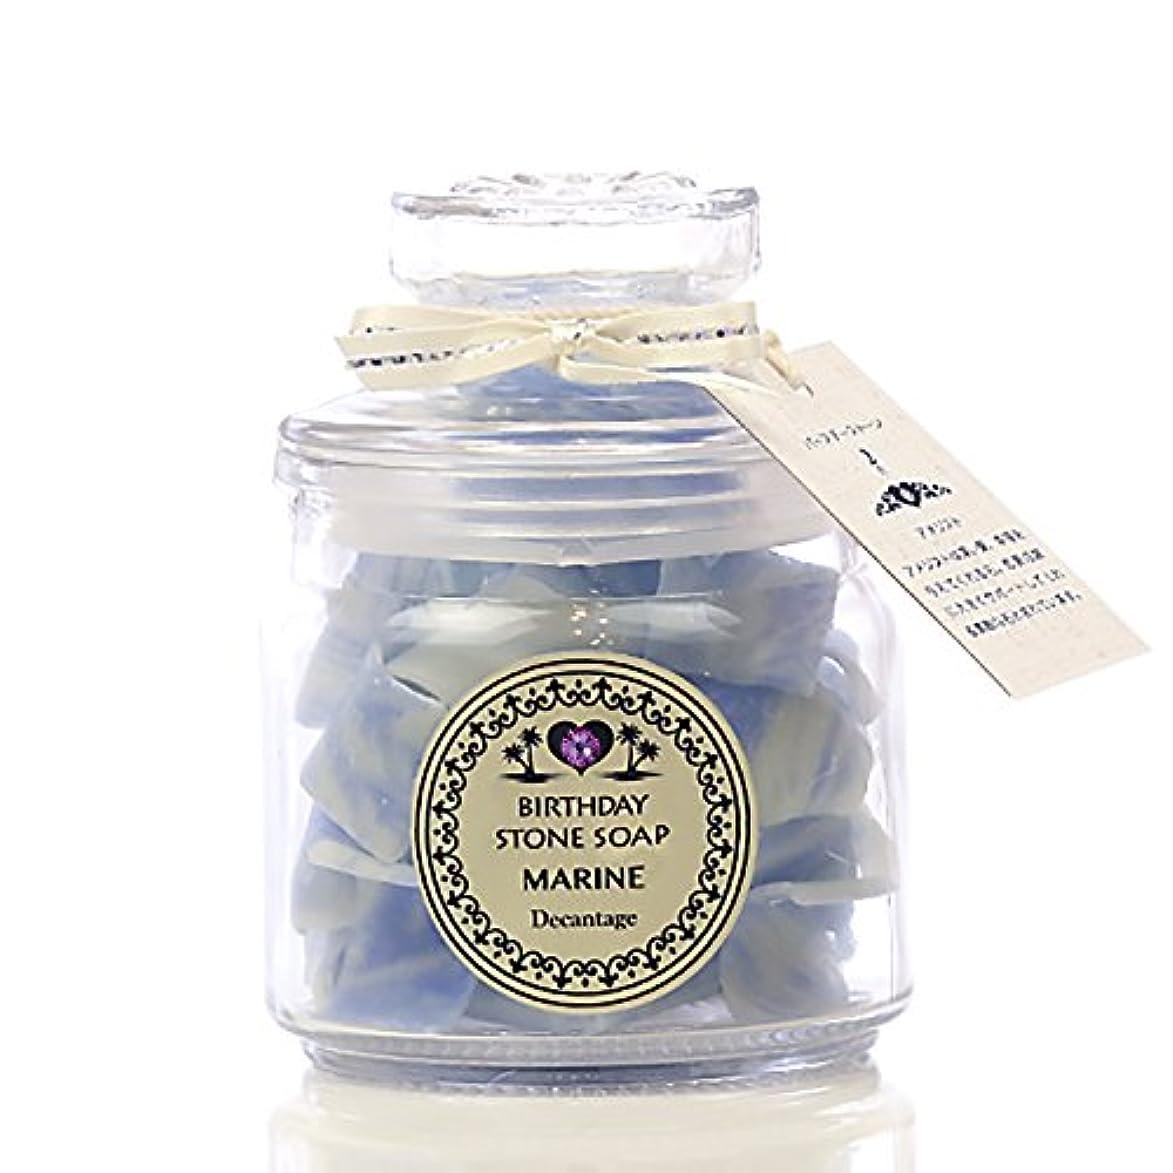 カップちっちゃい調整可能バースデーストーンソープ マリン(プレミアム) (2月)アメジスト (プルメリアの香り)